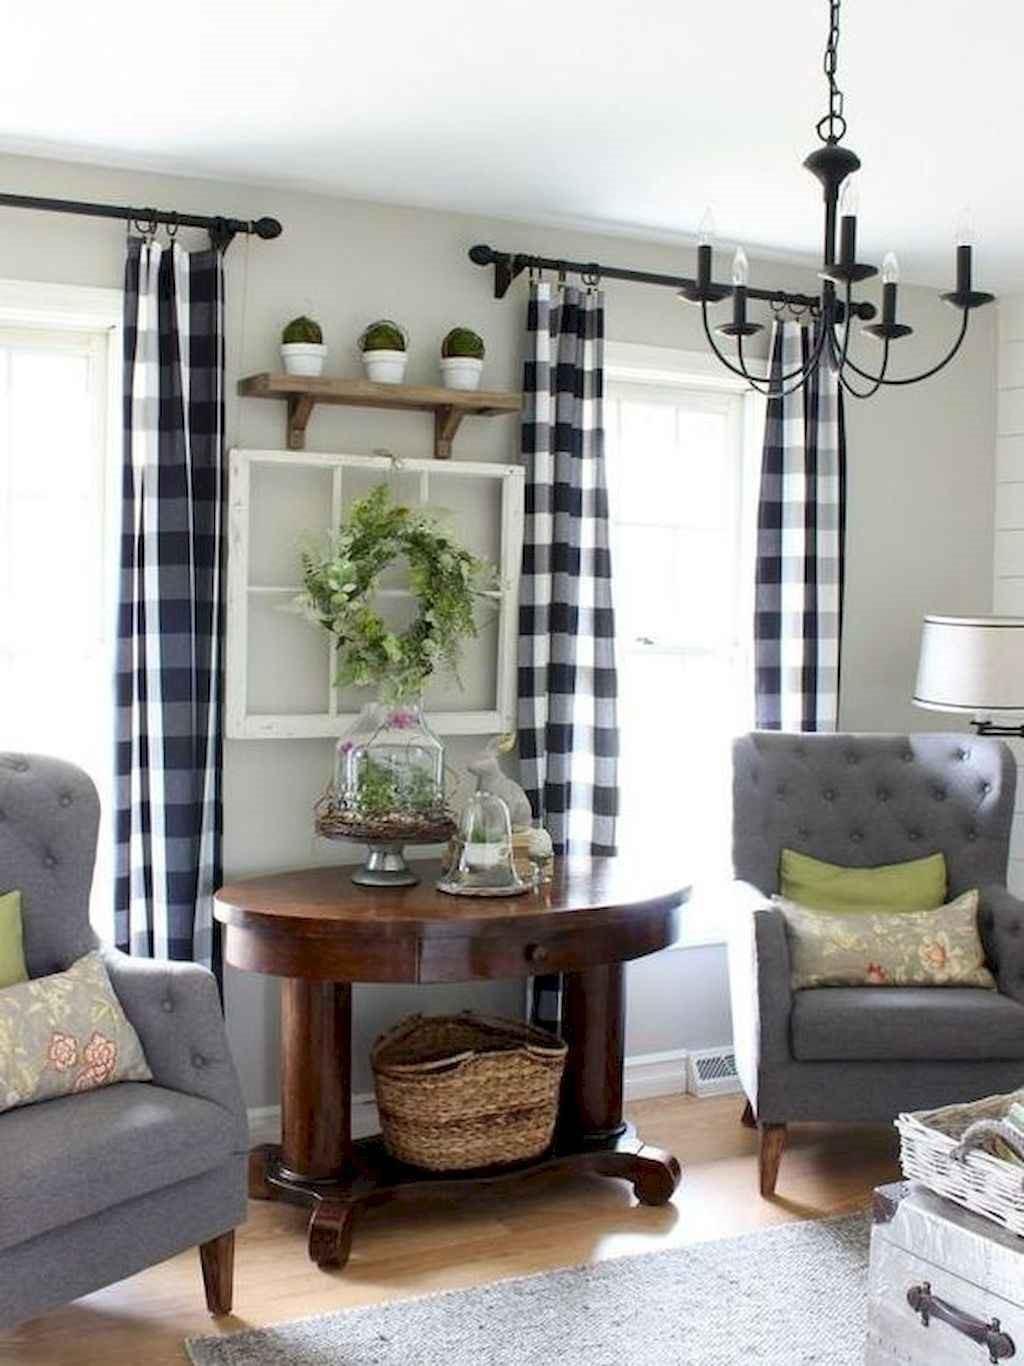 farmhouse style living room decor ideas 63